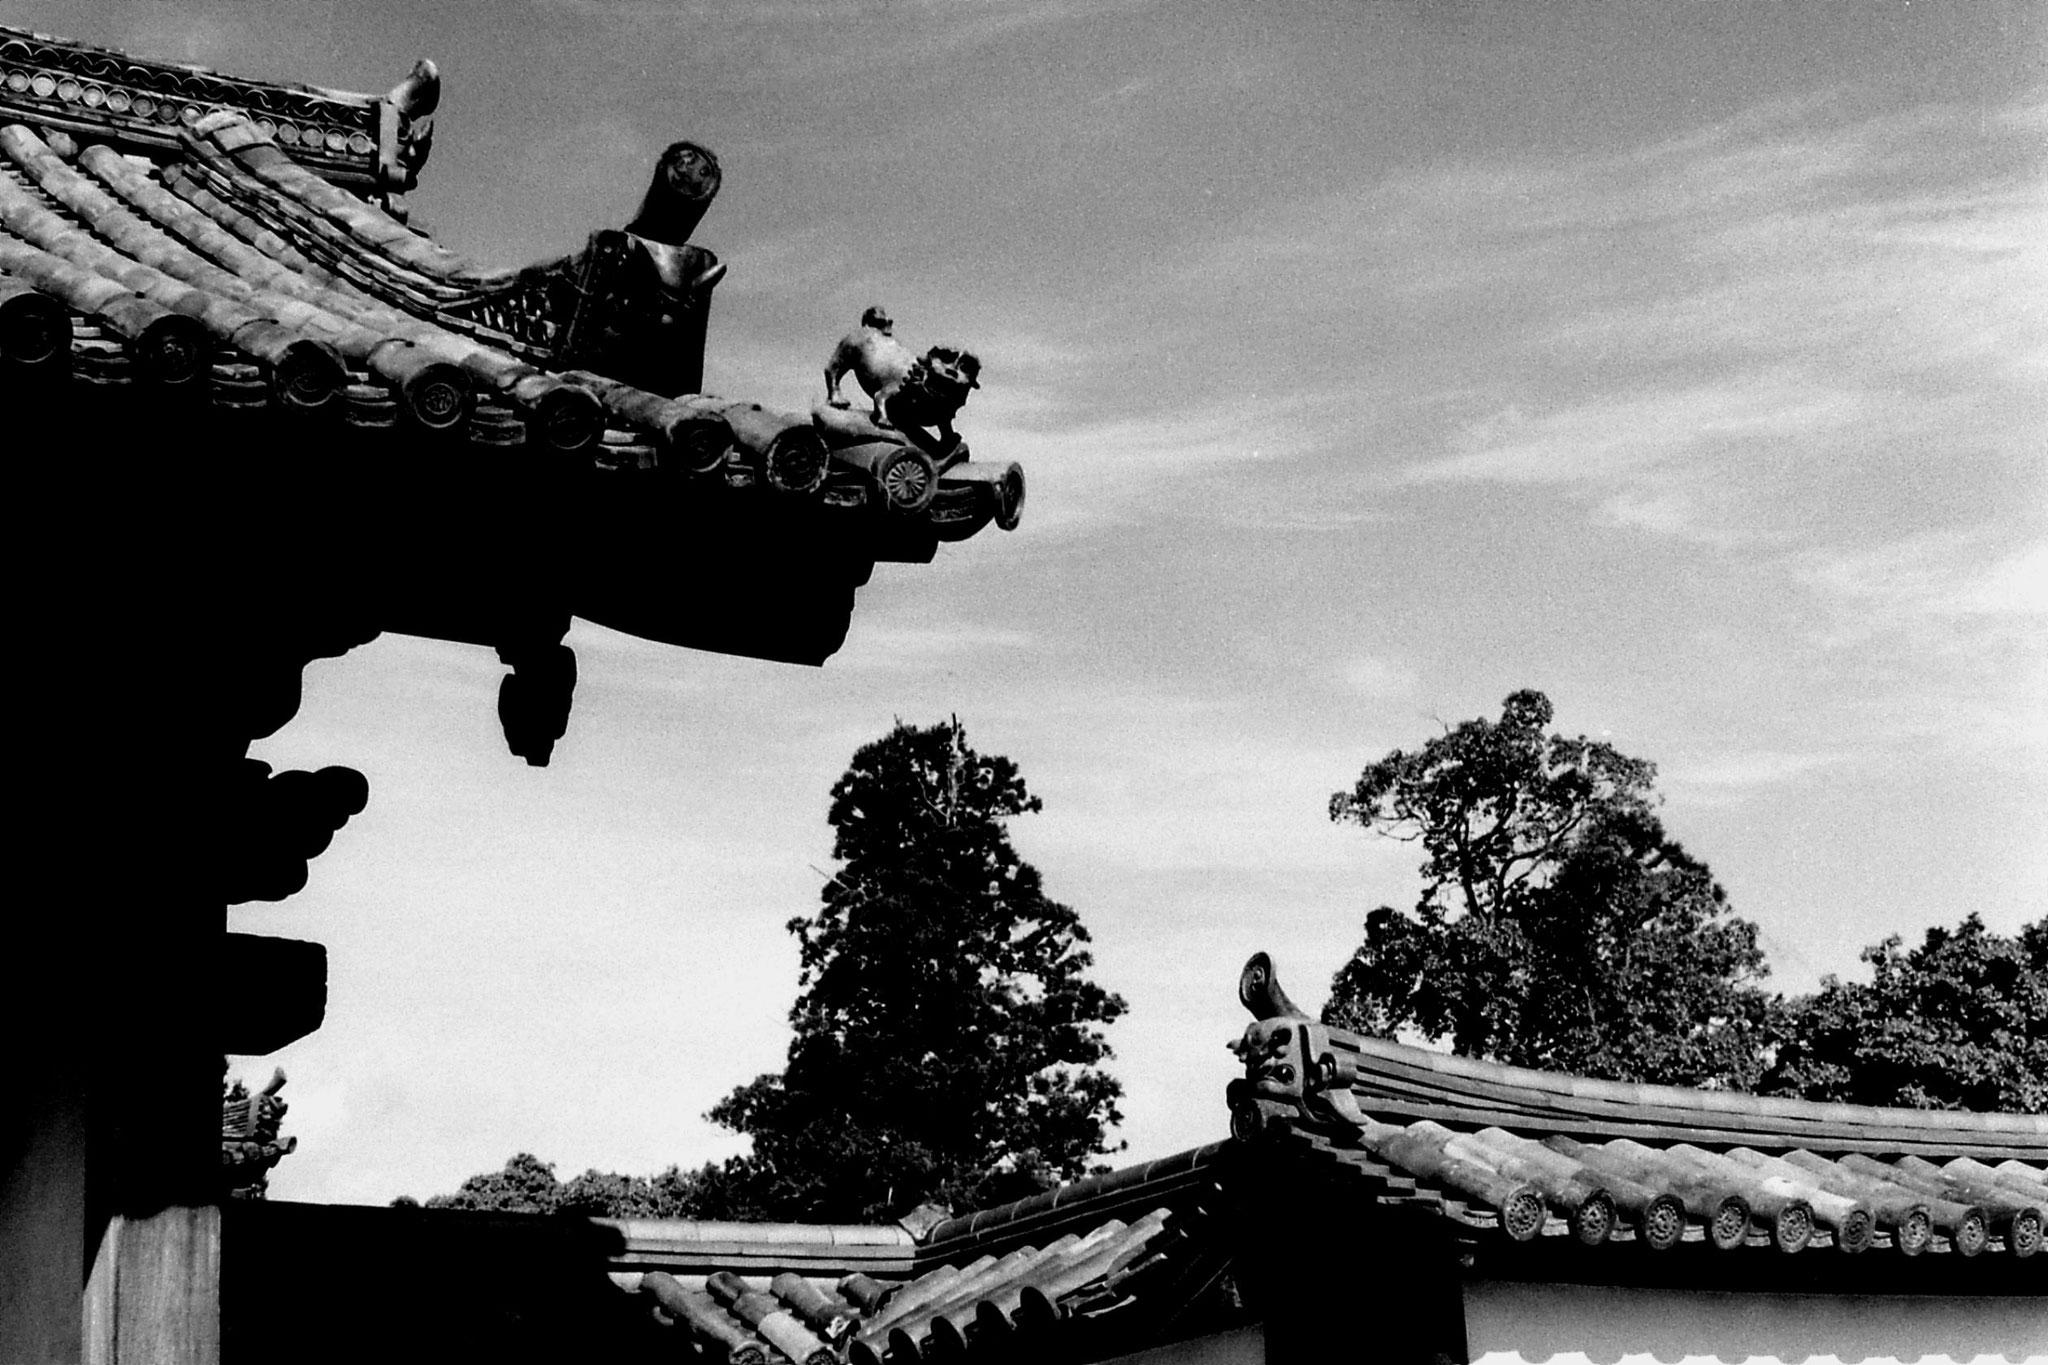 25/1/1989: 37:Nara